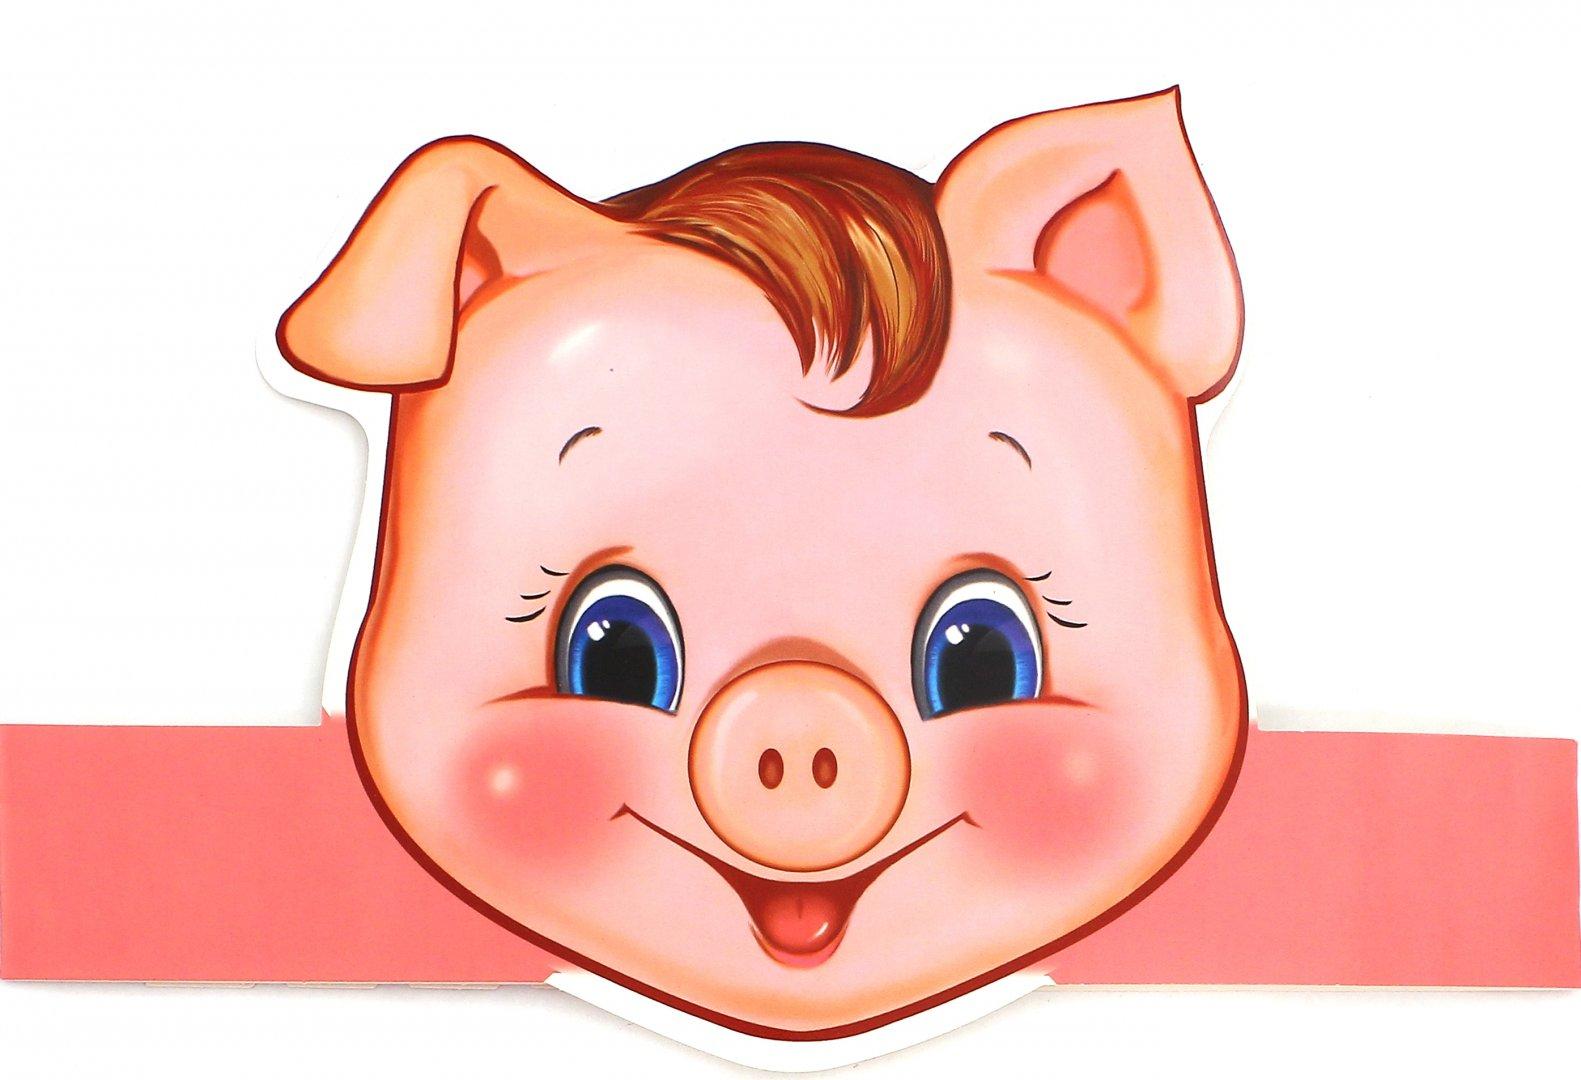 картинки свинок из сказок сумел отвлечь